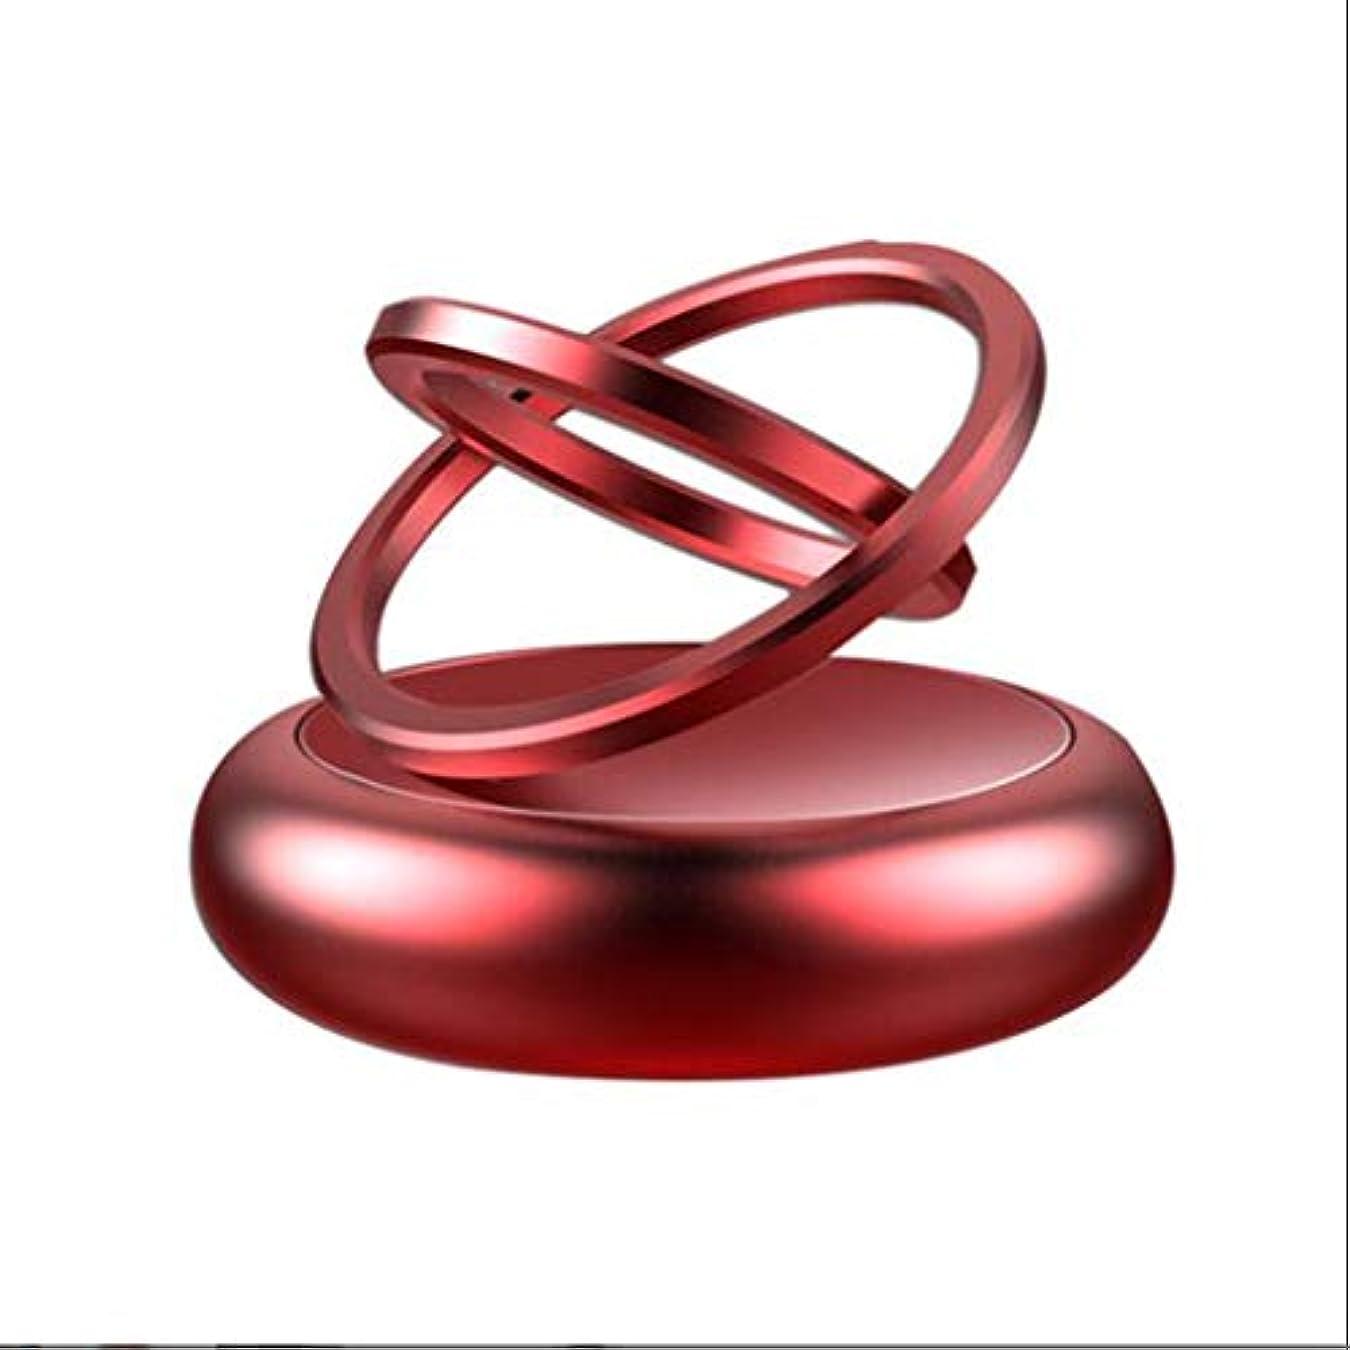 強要貼り直す比率アロマディフューザーエッセンシャルオイルカーディフューザーオートモーティブダブルループサスペンション回転式アロマテラピーライトフレグランスソリッドバーム(2セット),赤